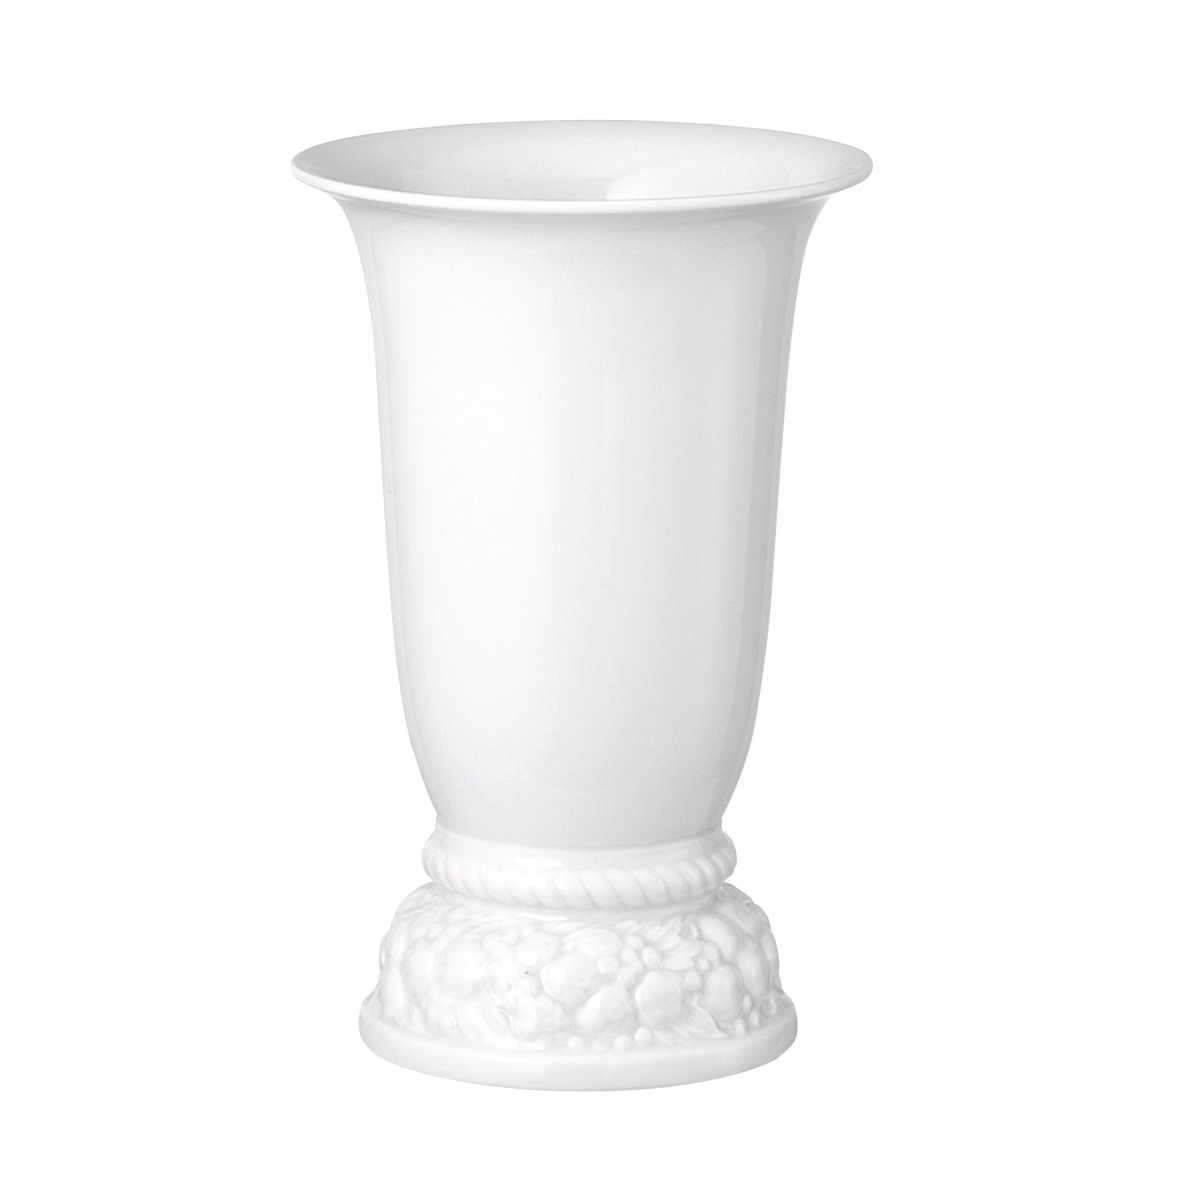 Rosenthal Maria weiß Vase 18 cm | Dekoration > Vasen > Tischvasen | Rosenthal